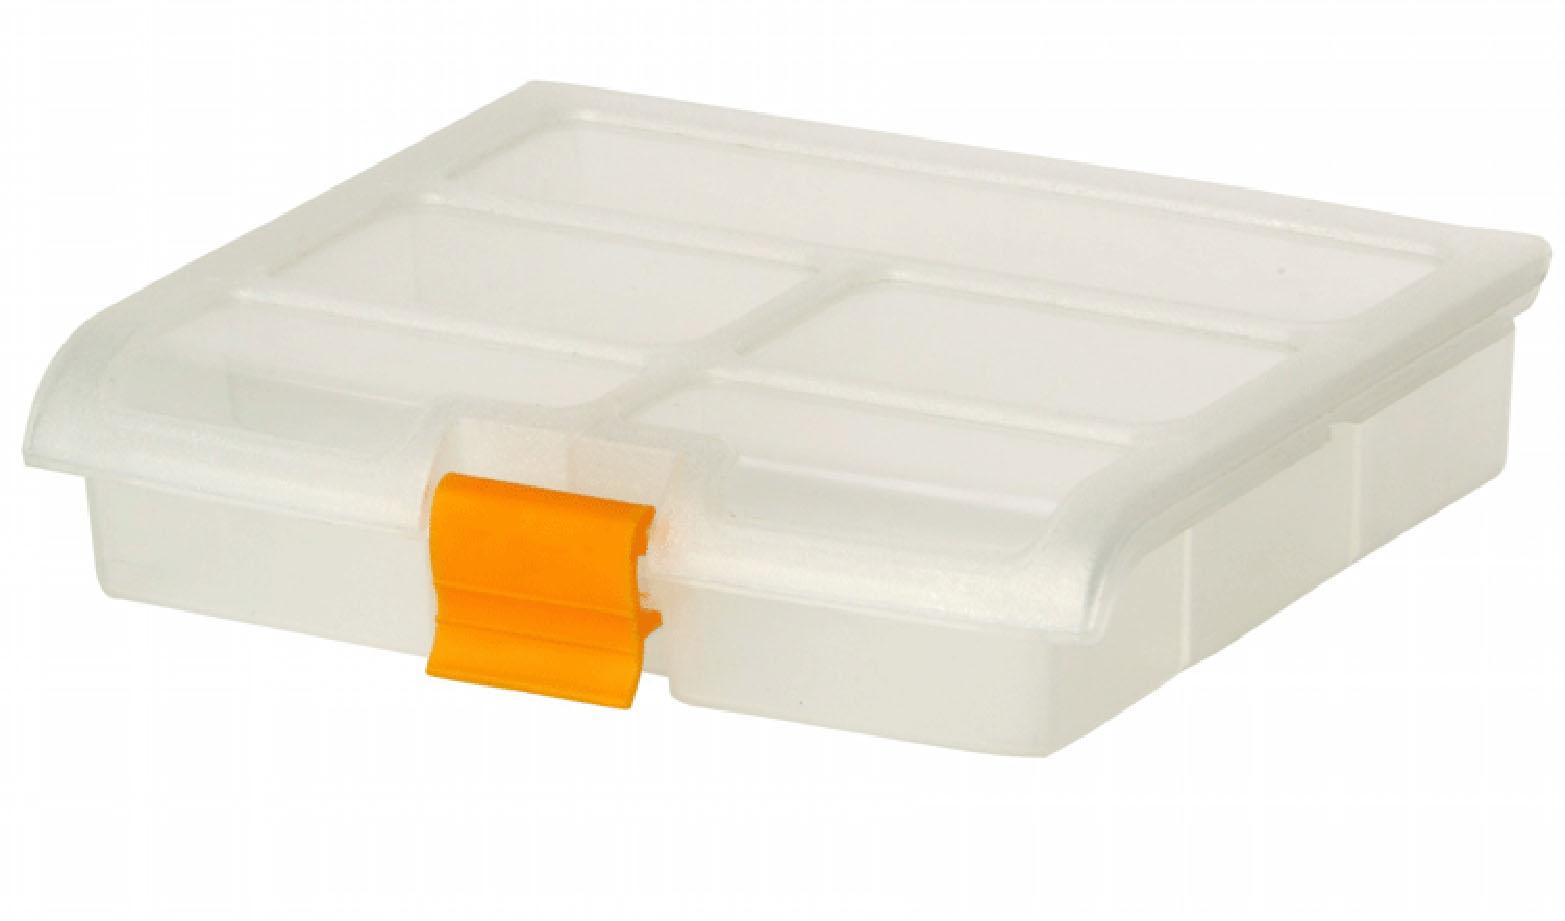 Блок для мелочей Idea, 16,5 см х 13,5 см х 3,5 см tayo футляр для хранения 2 х ножниц 21 5 см х 8 5 см х 2 5 см